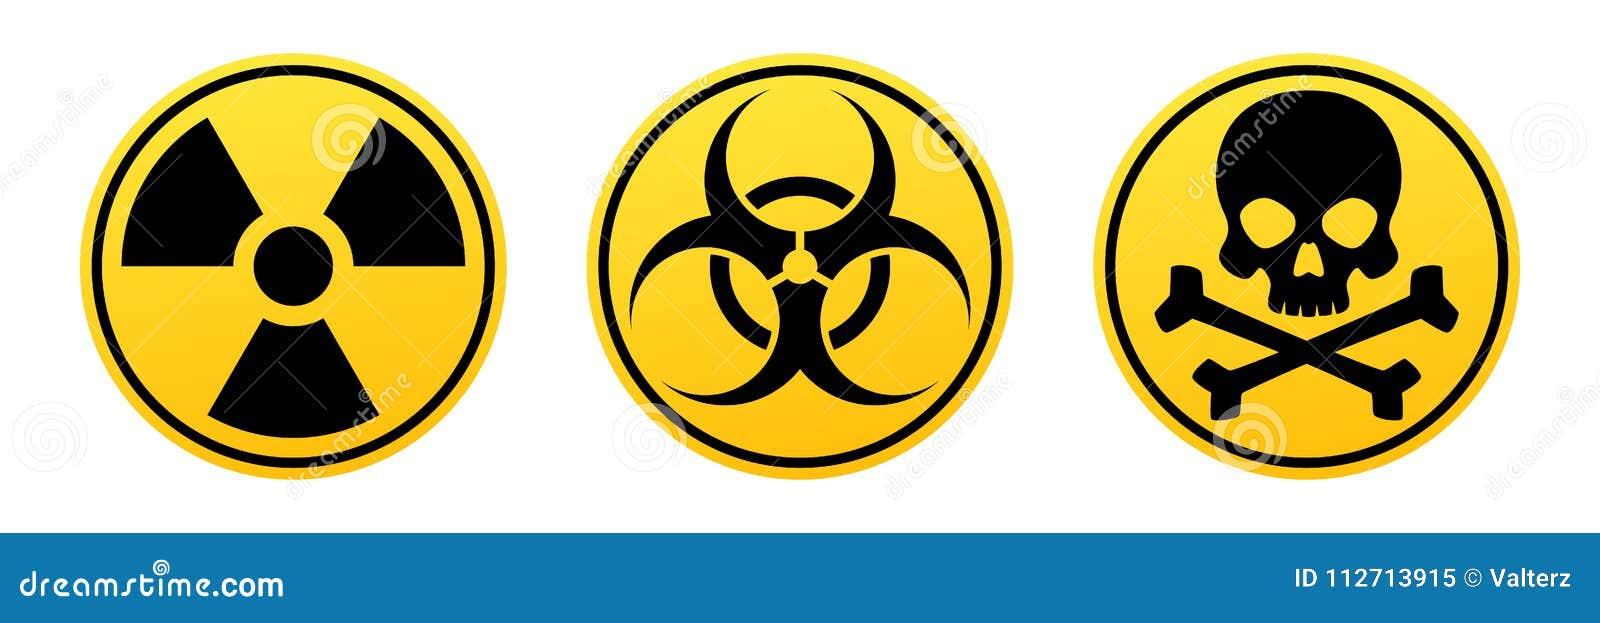 Signes jaunes de vecteur de danger Signe de rayonnement, signe de Biohazard, signe toxique